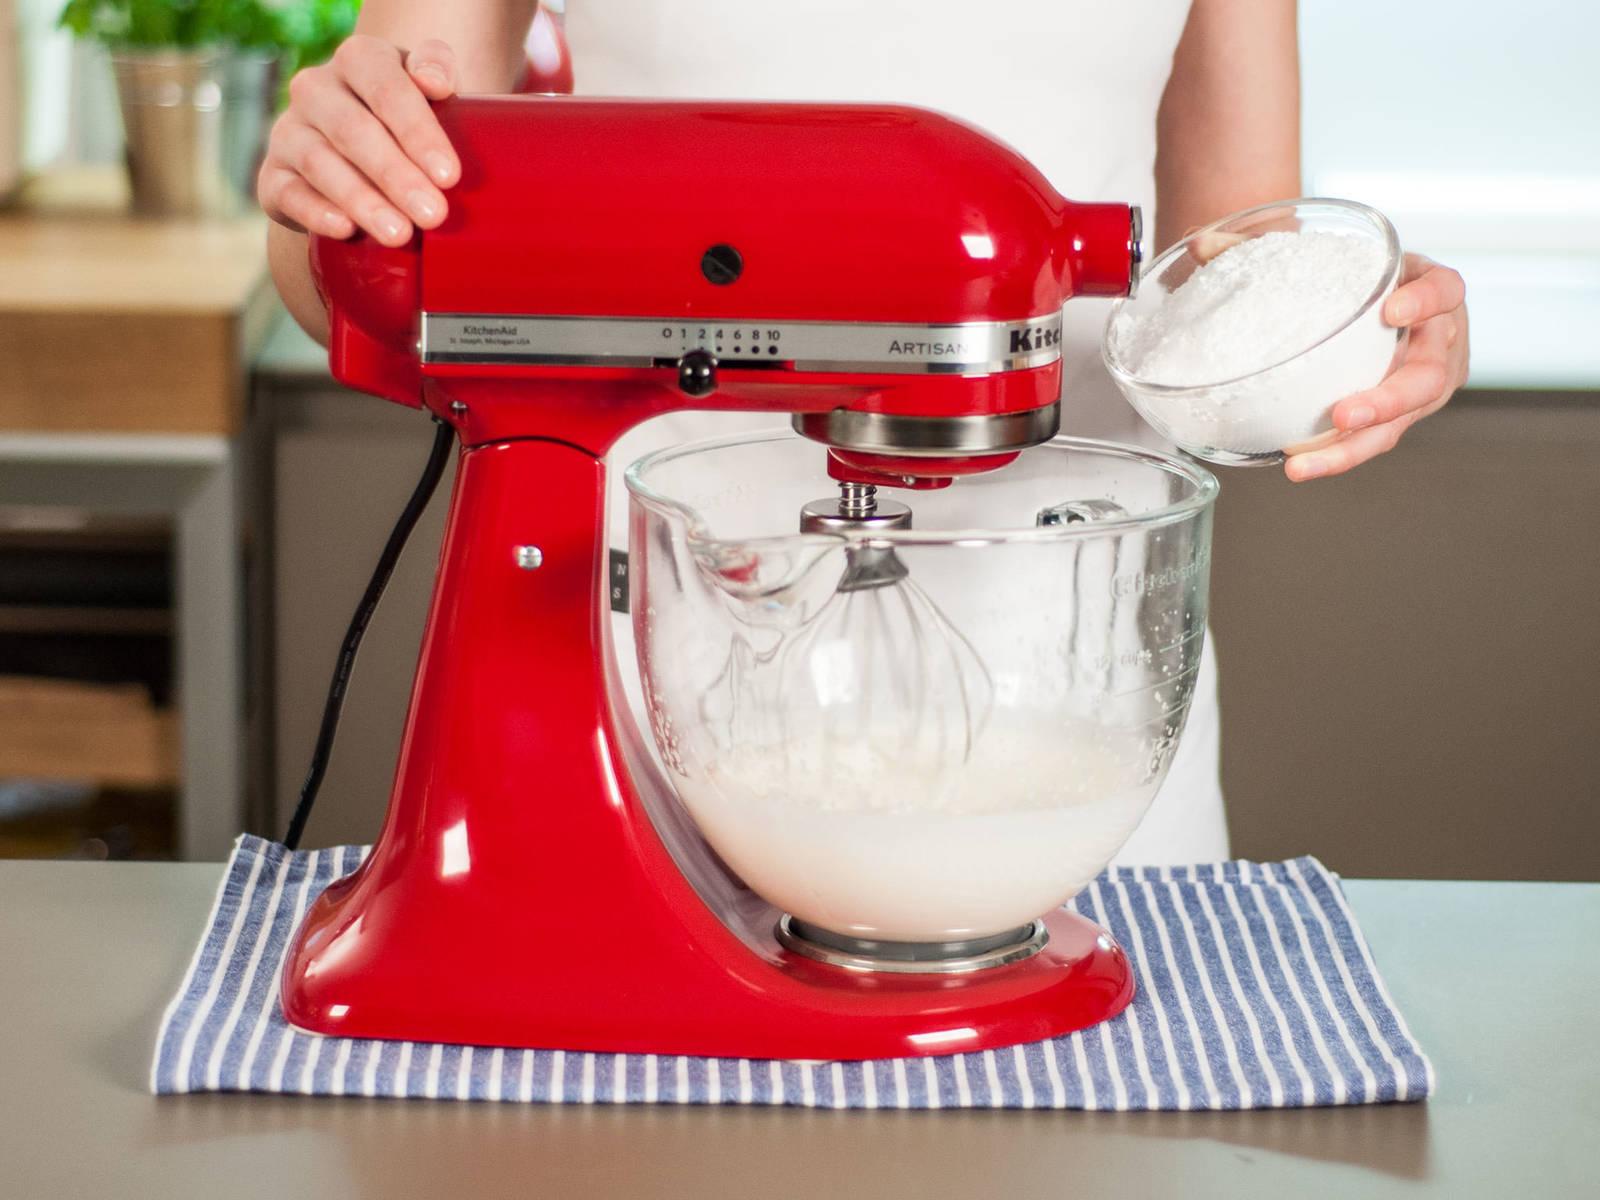 将稀奶油搅拌至稍浓稠时,加入糖粉,然后继续搅拌约1分钟。